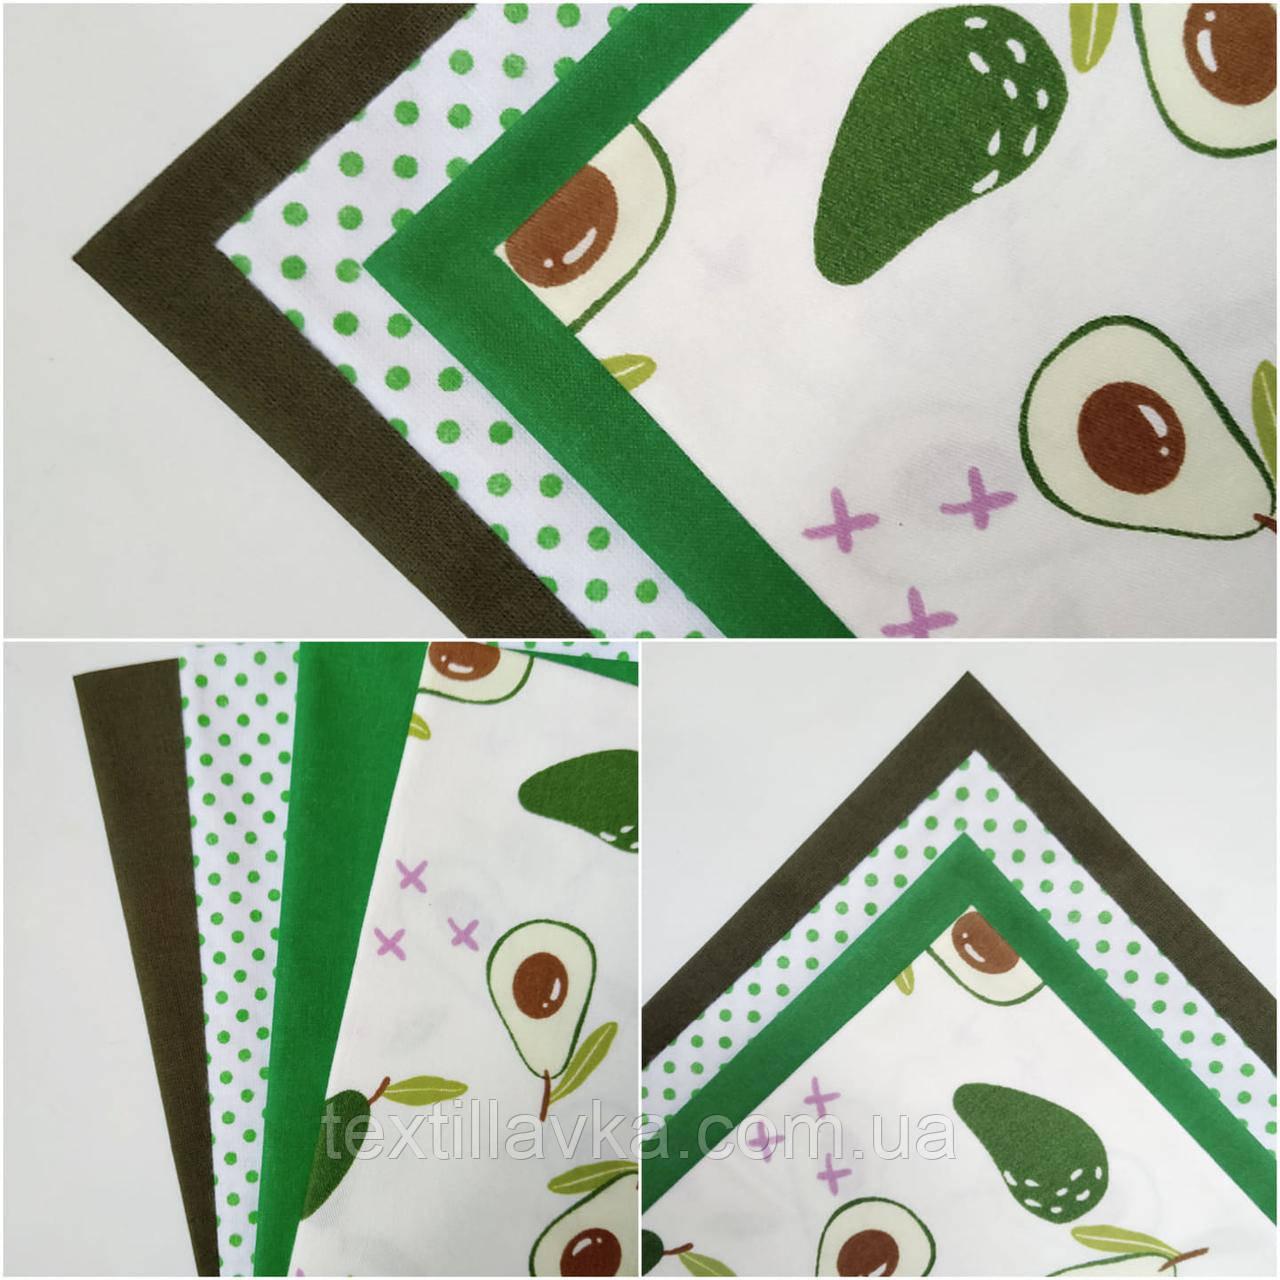 Набор хлопковой ткани для рукоделия из 4 шт. Авокадо